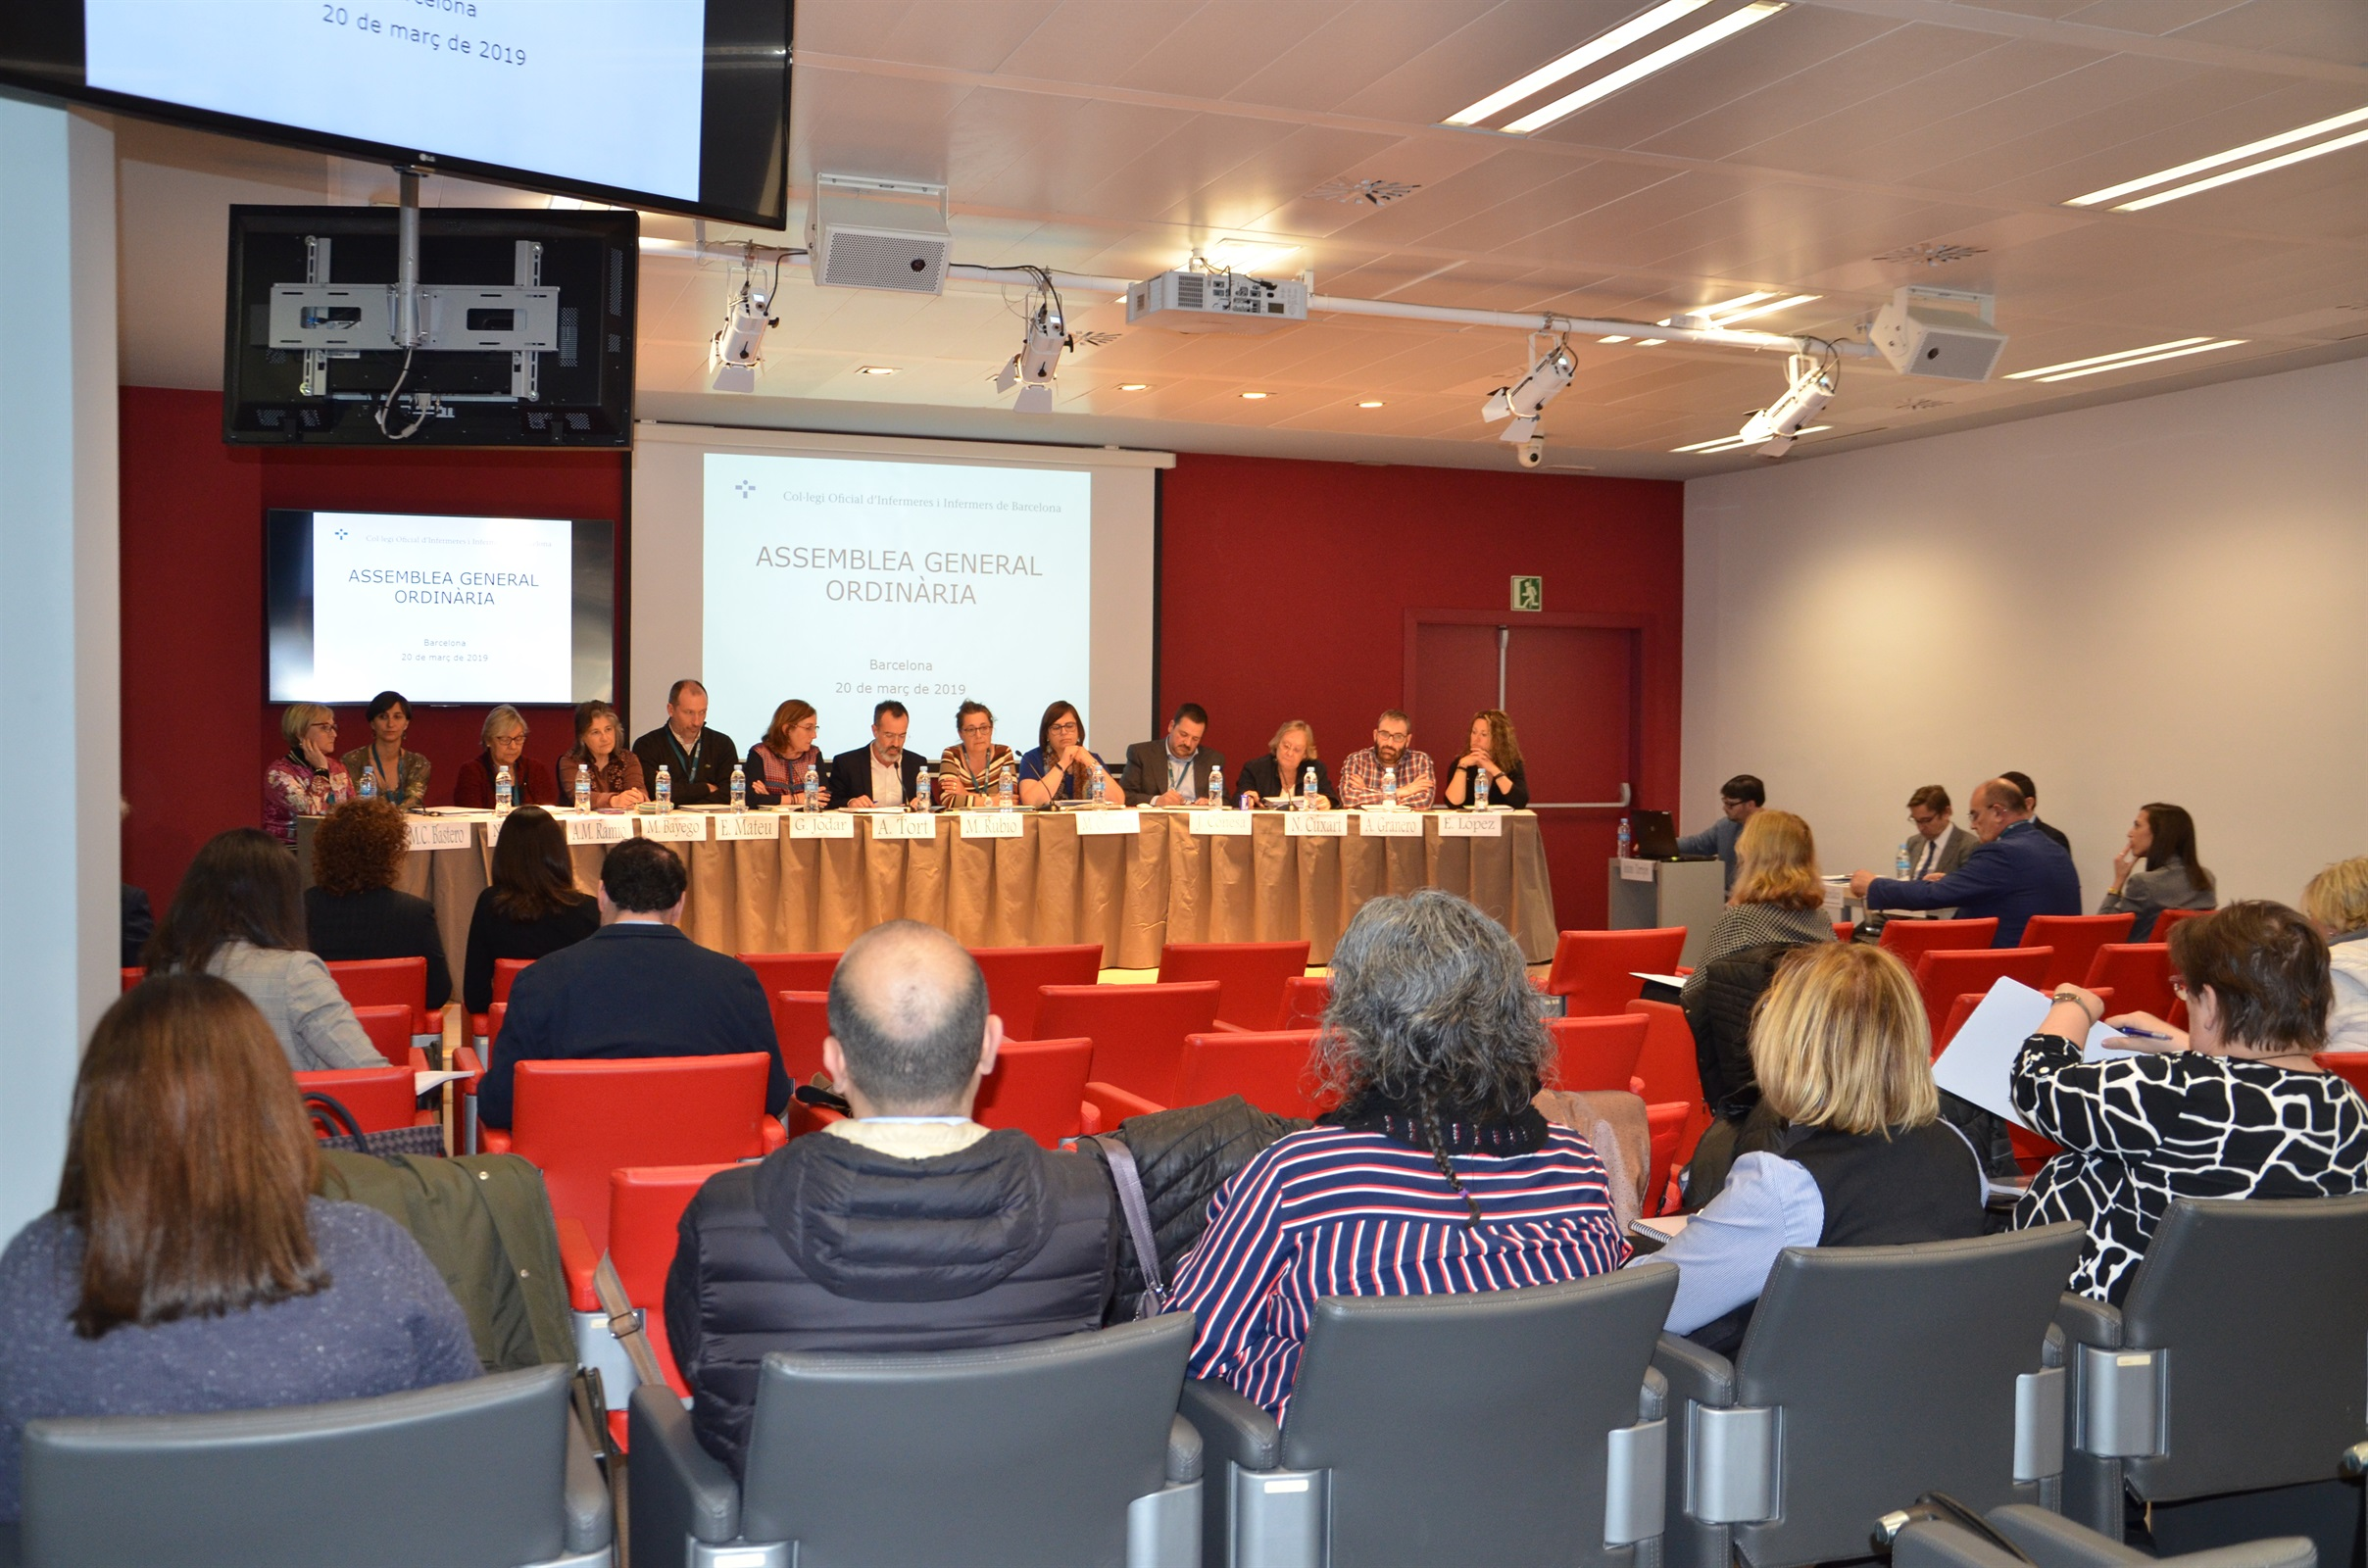 L'assemblea del COIB aprova els pressupostos del 2019 i el tancament de l'exercici 2018